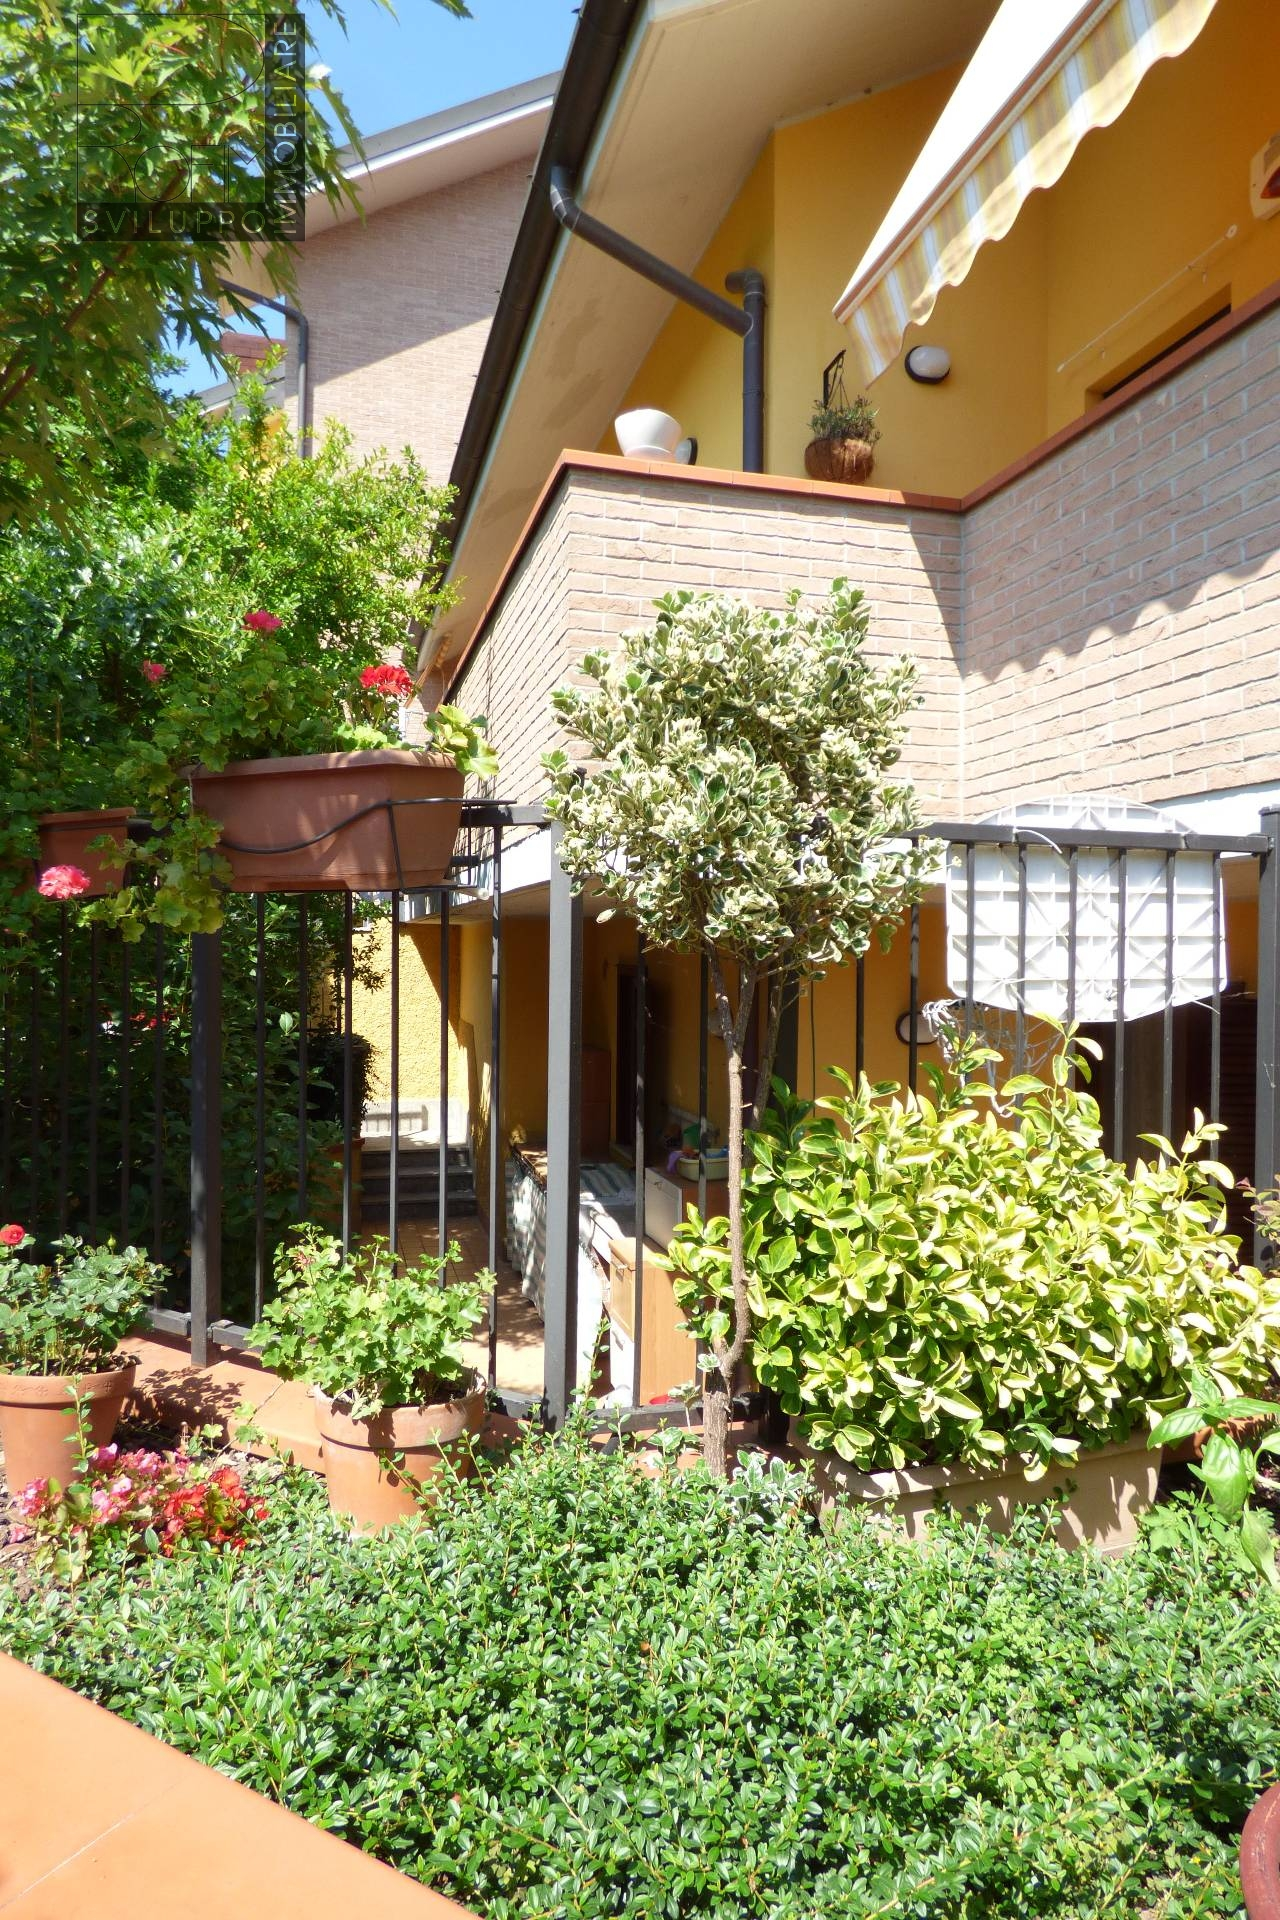 Appartamento in vendita a Zelo Buon Persico, 4 locali, prezzo € 250.000 | CambioCasa.it